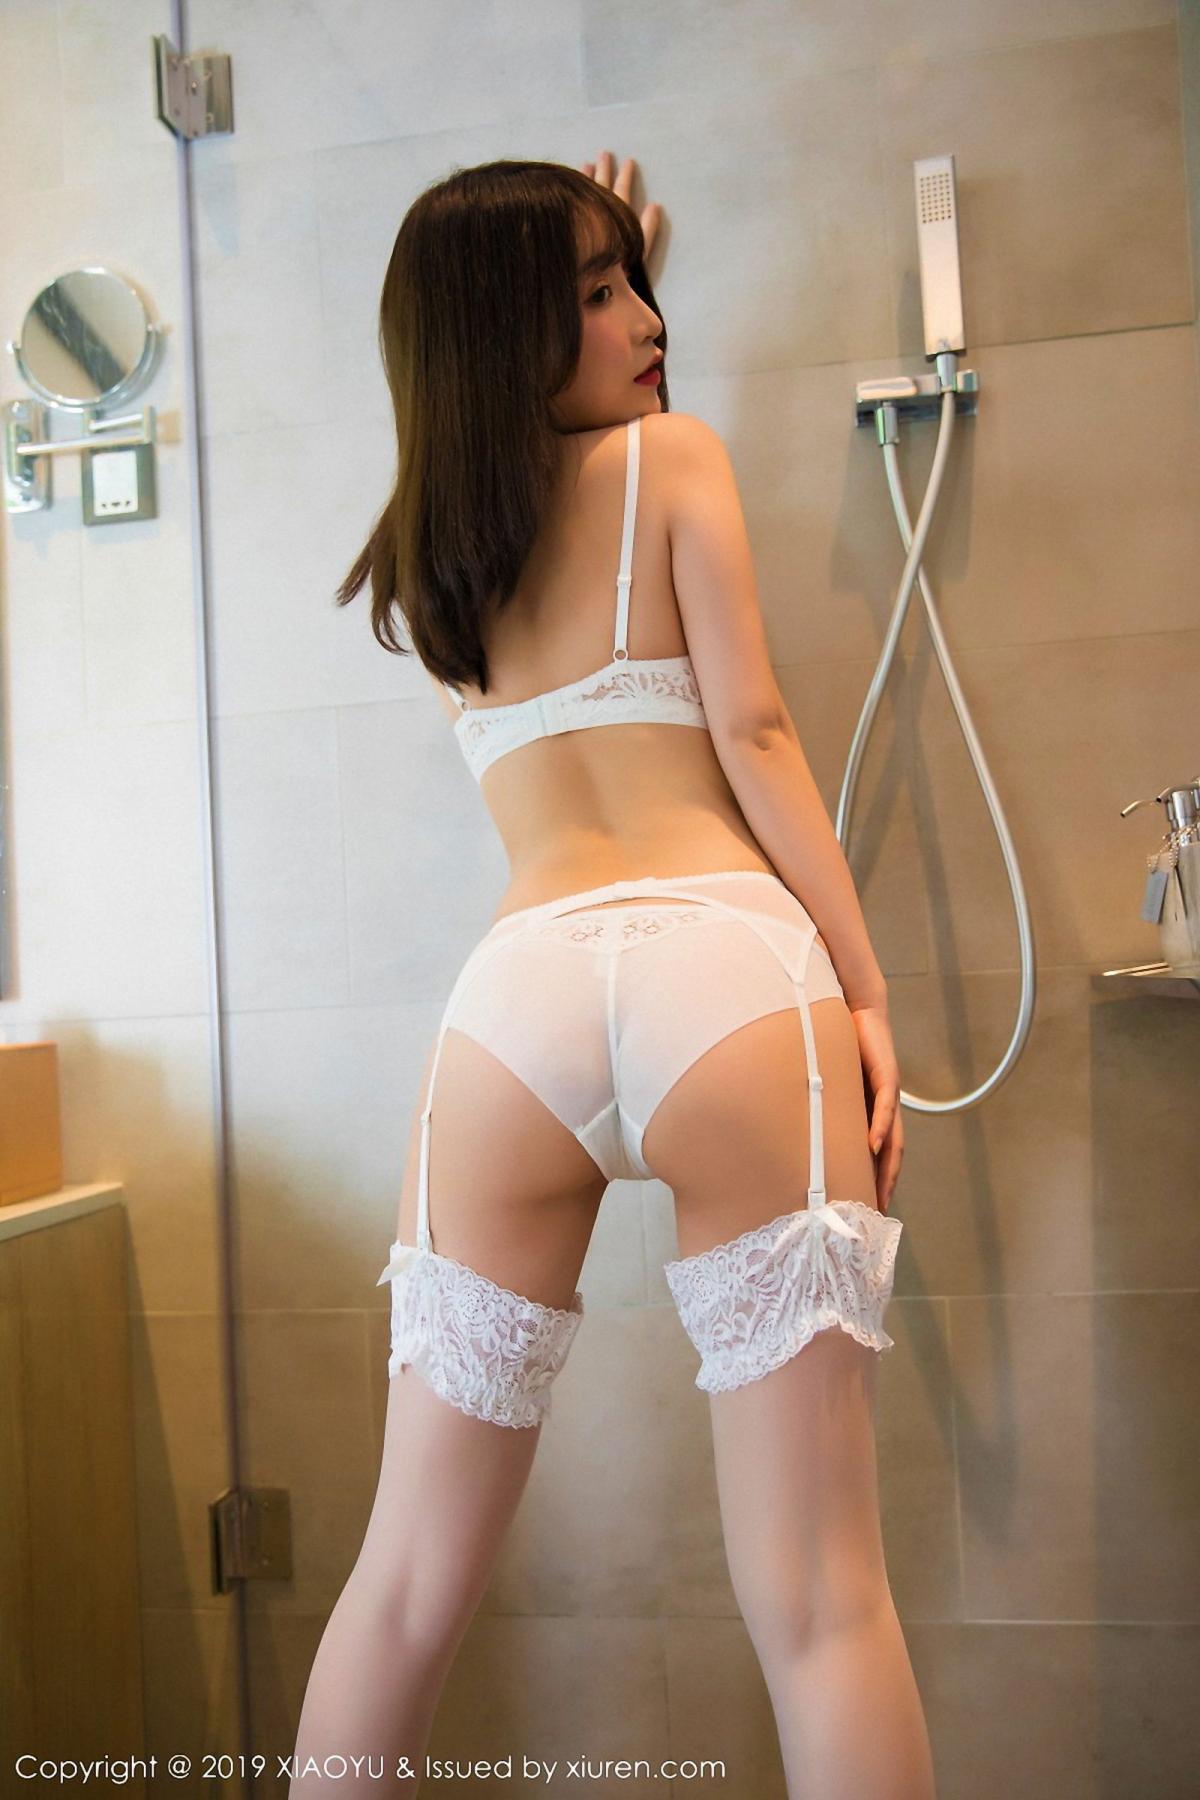 [XiaoYu] Vol.027 Xie Zhi Xin 14P, Bathroom, Underwear, XiaoYu, Xie Zhi Xin